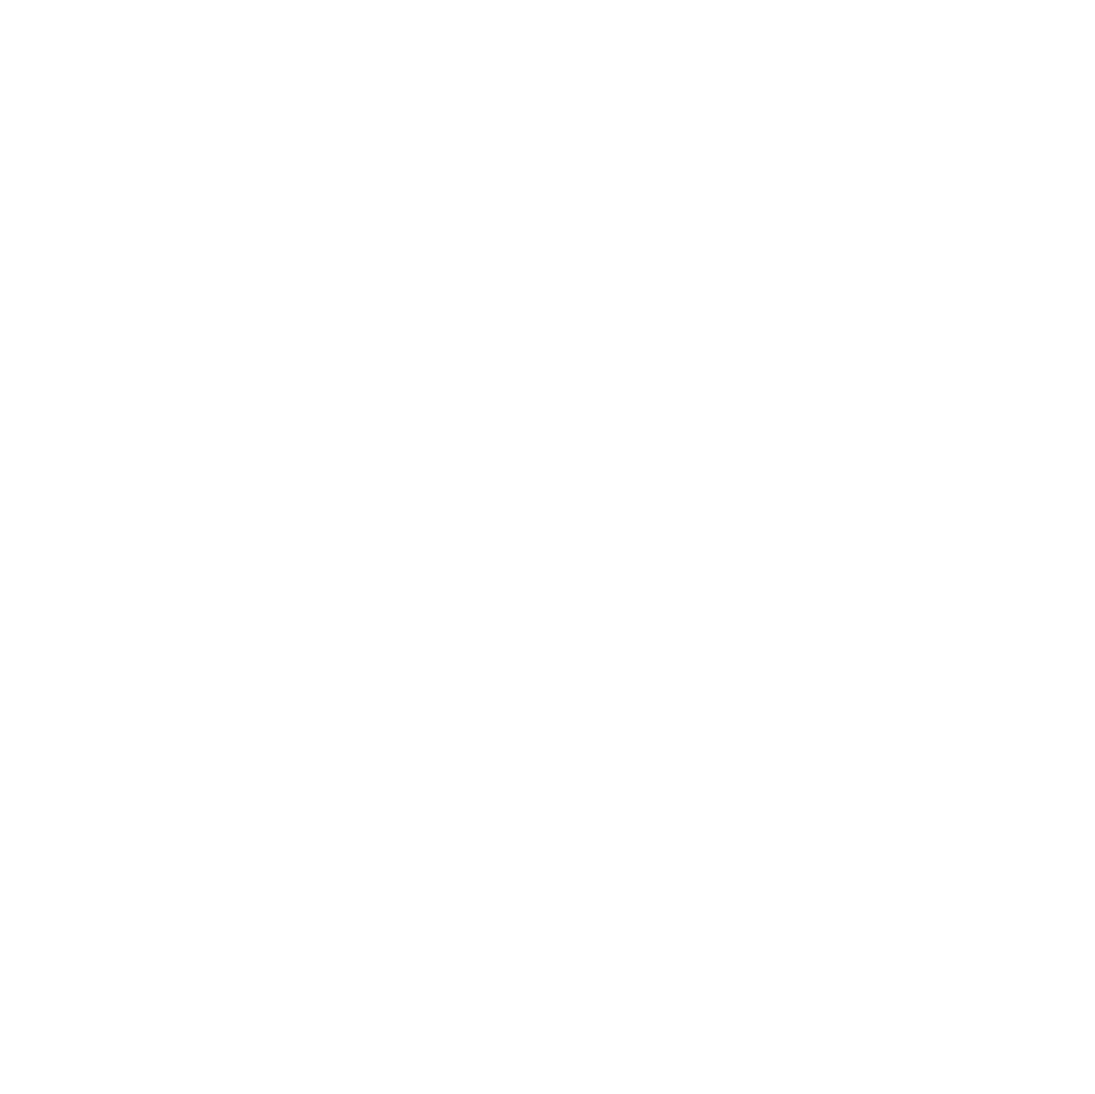 traceycjoneslogo_white.png